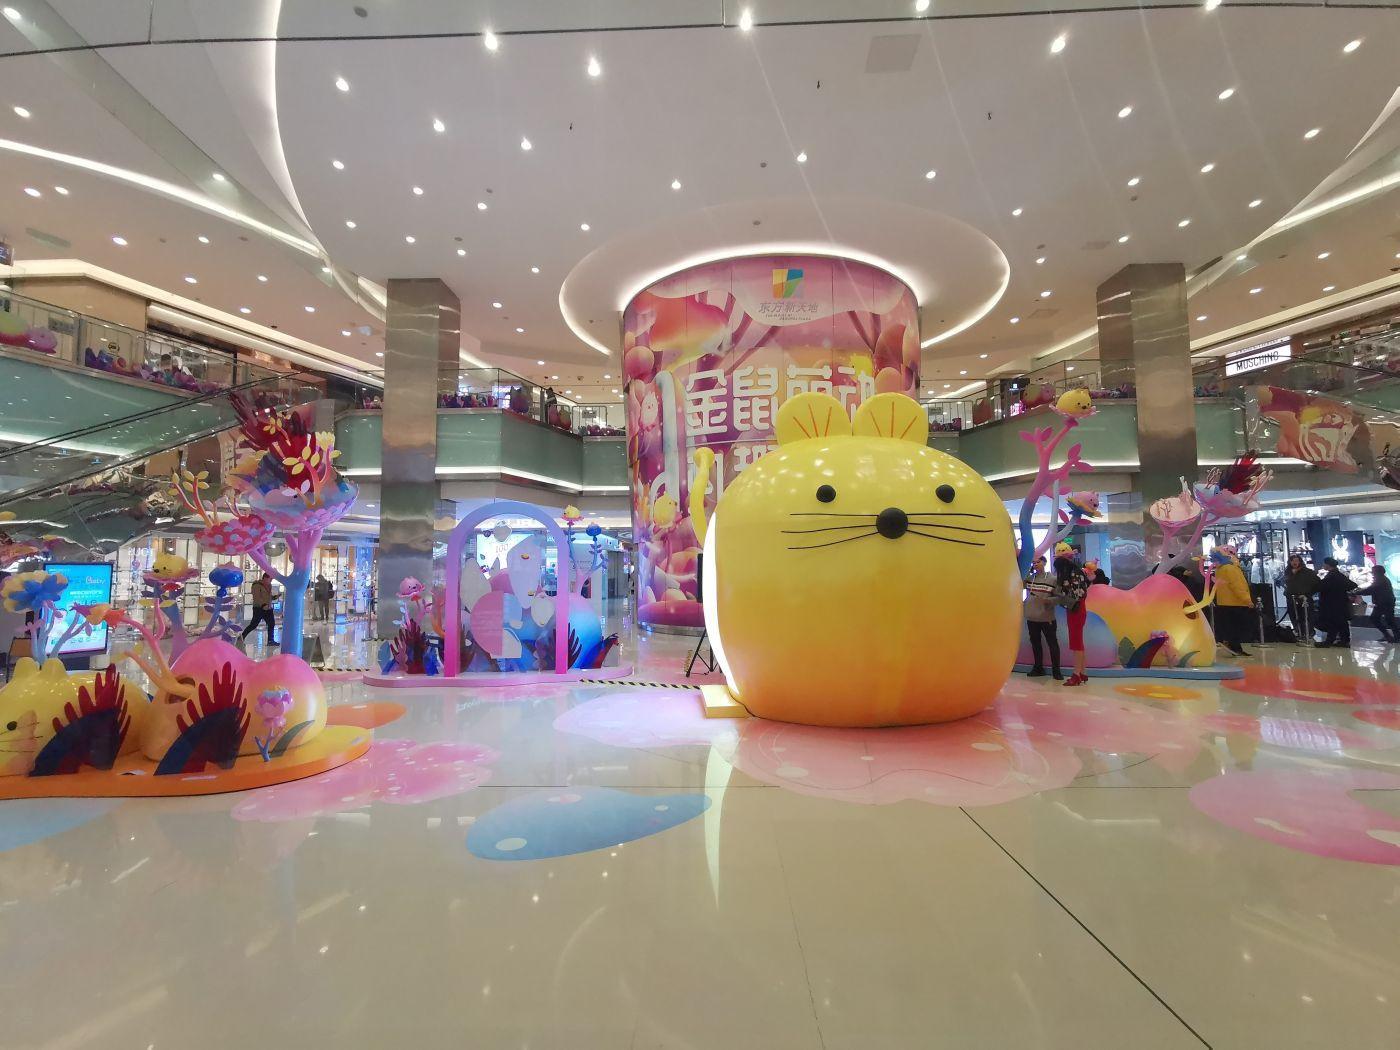 """東方新天地開啟""""金鼠萌動 丸趣東方""""主題活動 力圖給消費者帶來新鮮感"""